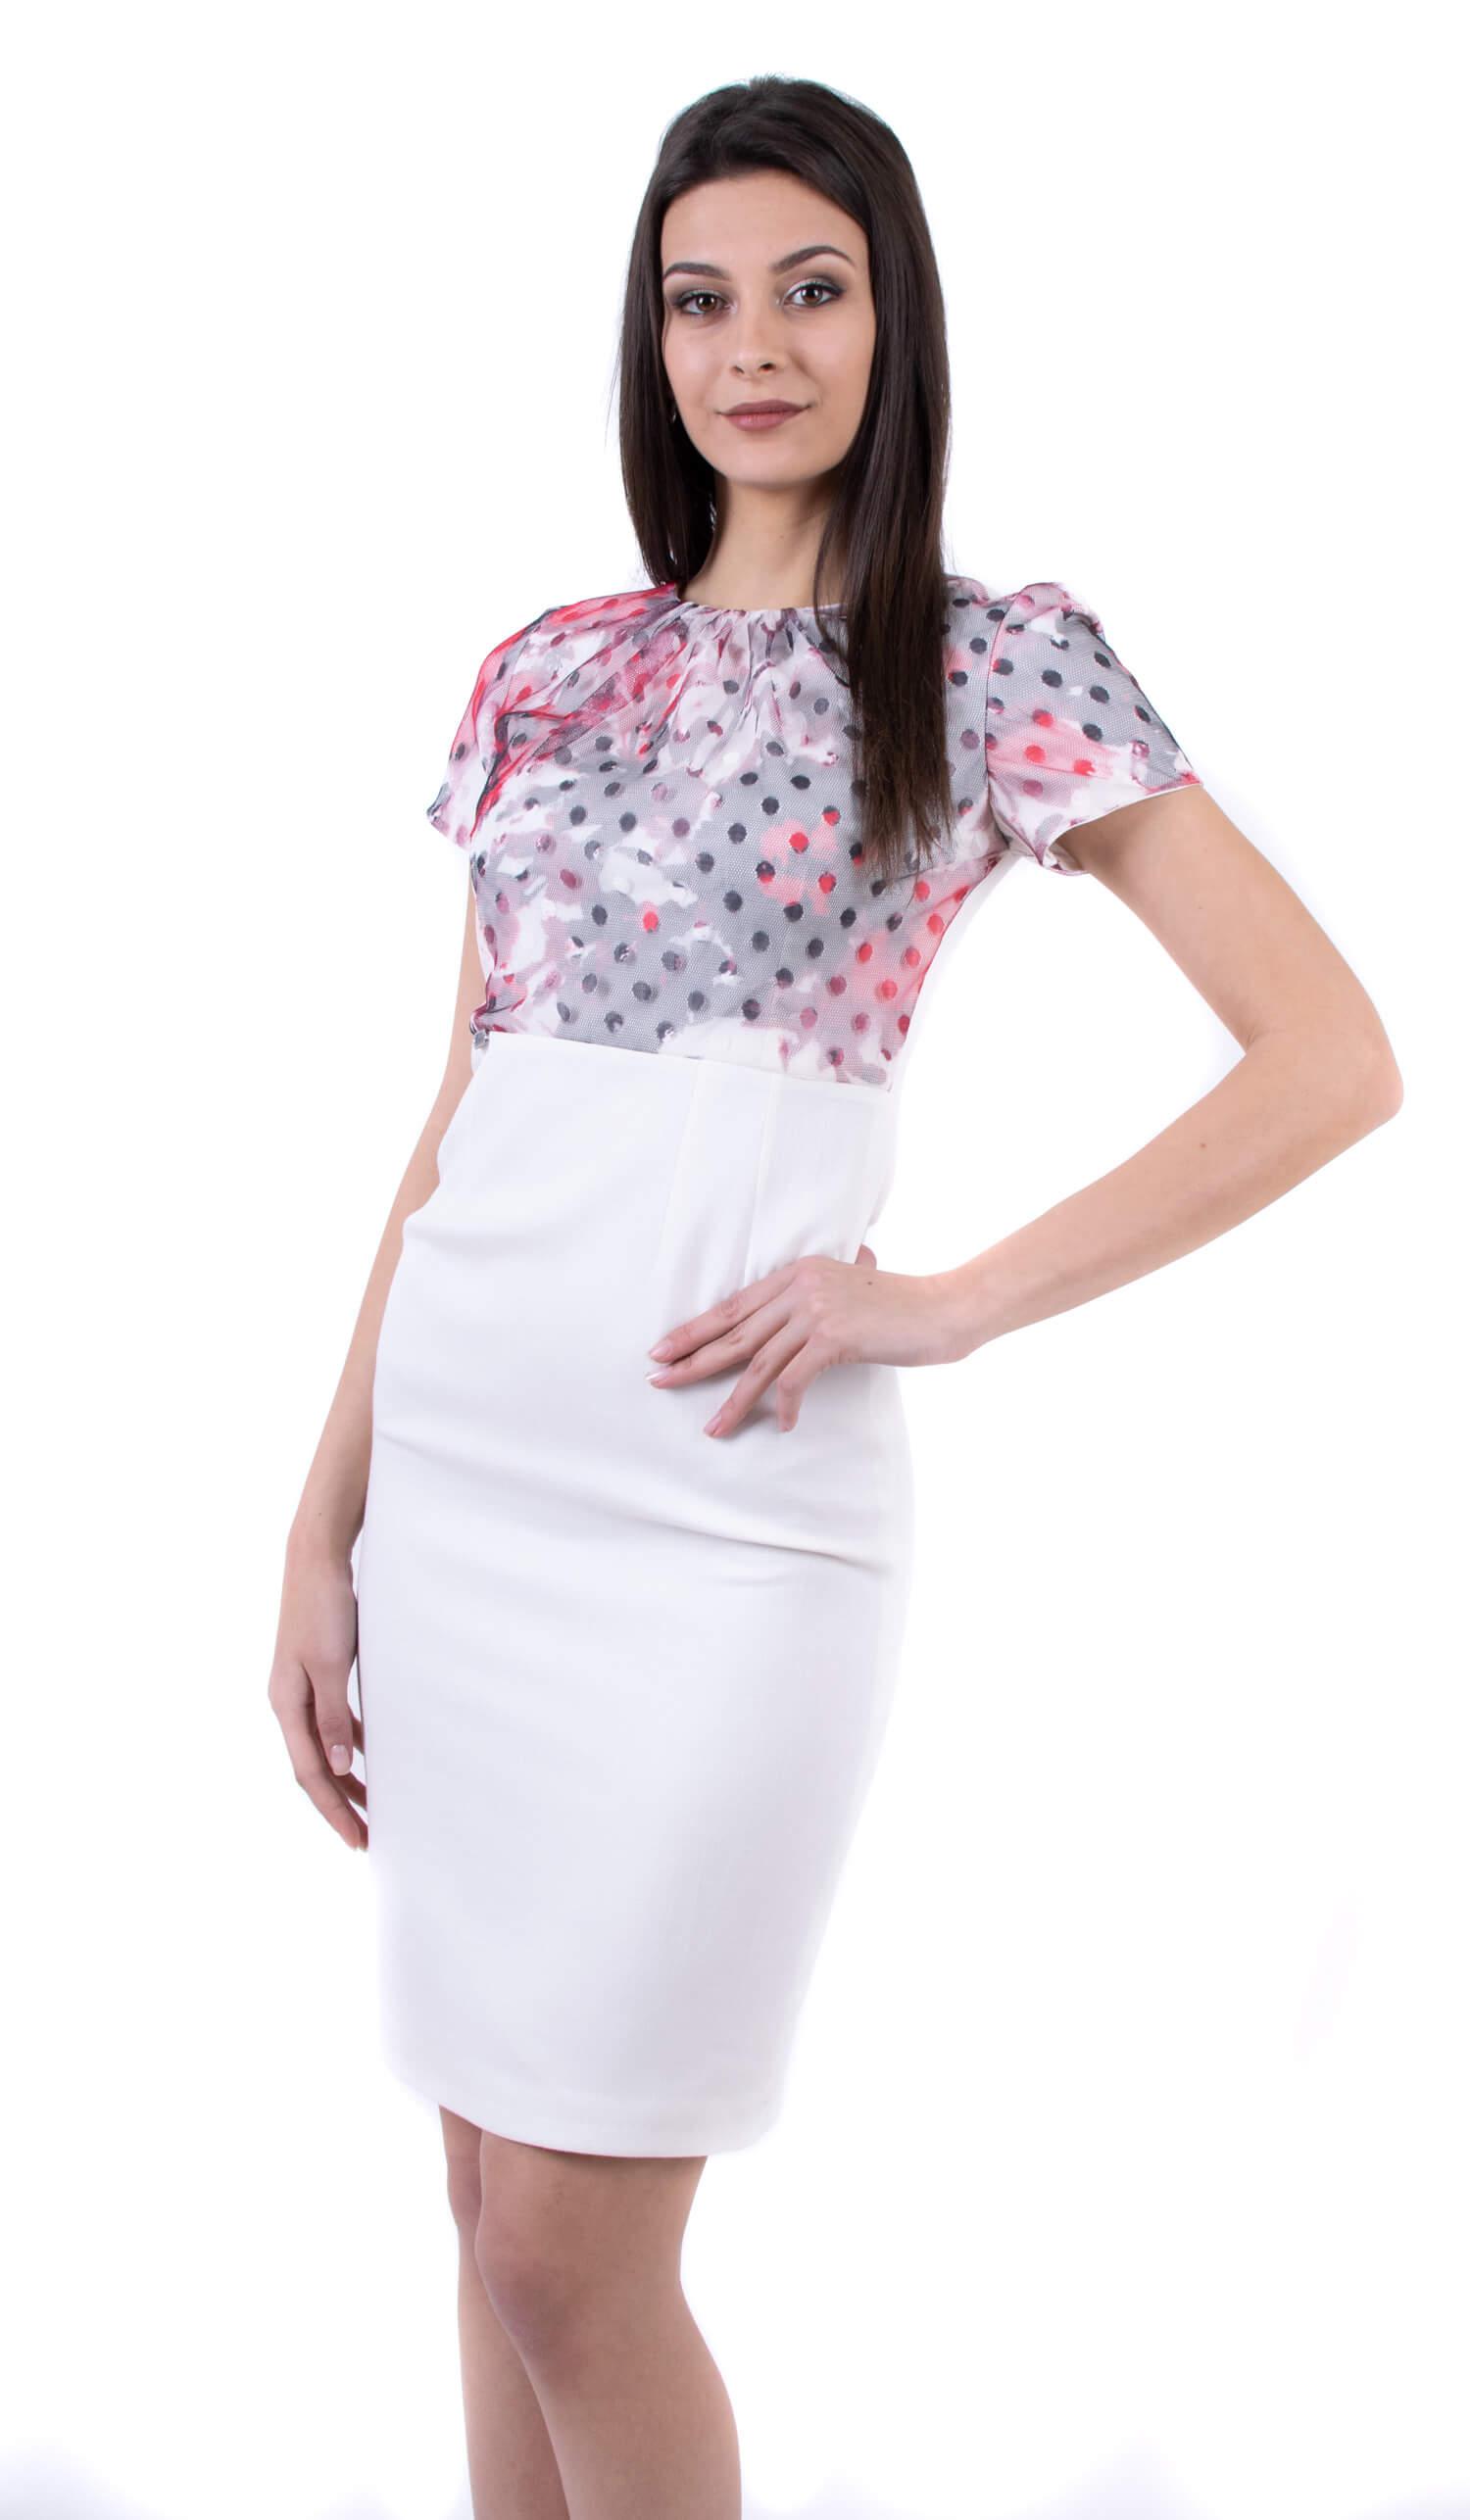 03feef52f98 Как да изберем подходящата официална рокля в зависимост от телосложението  ни?